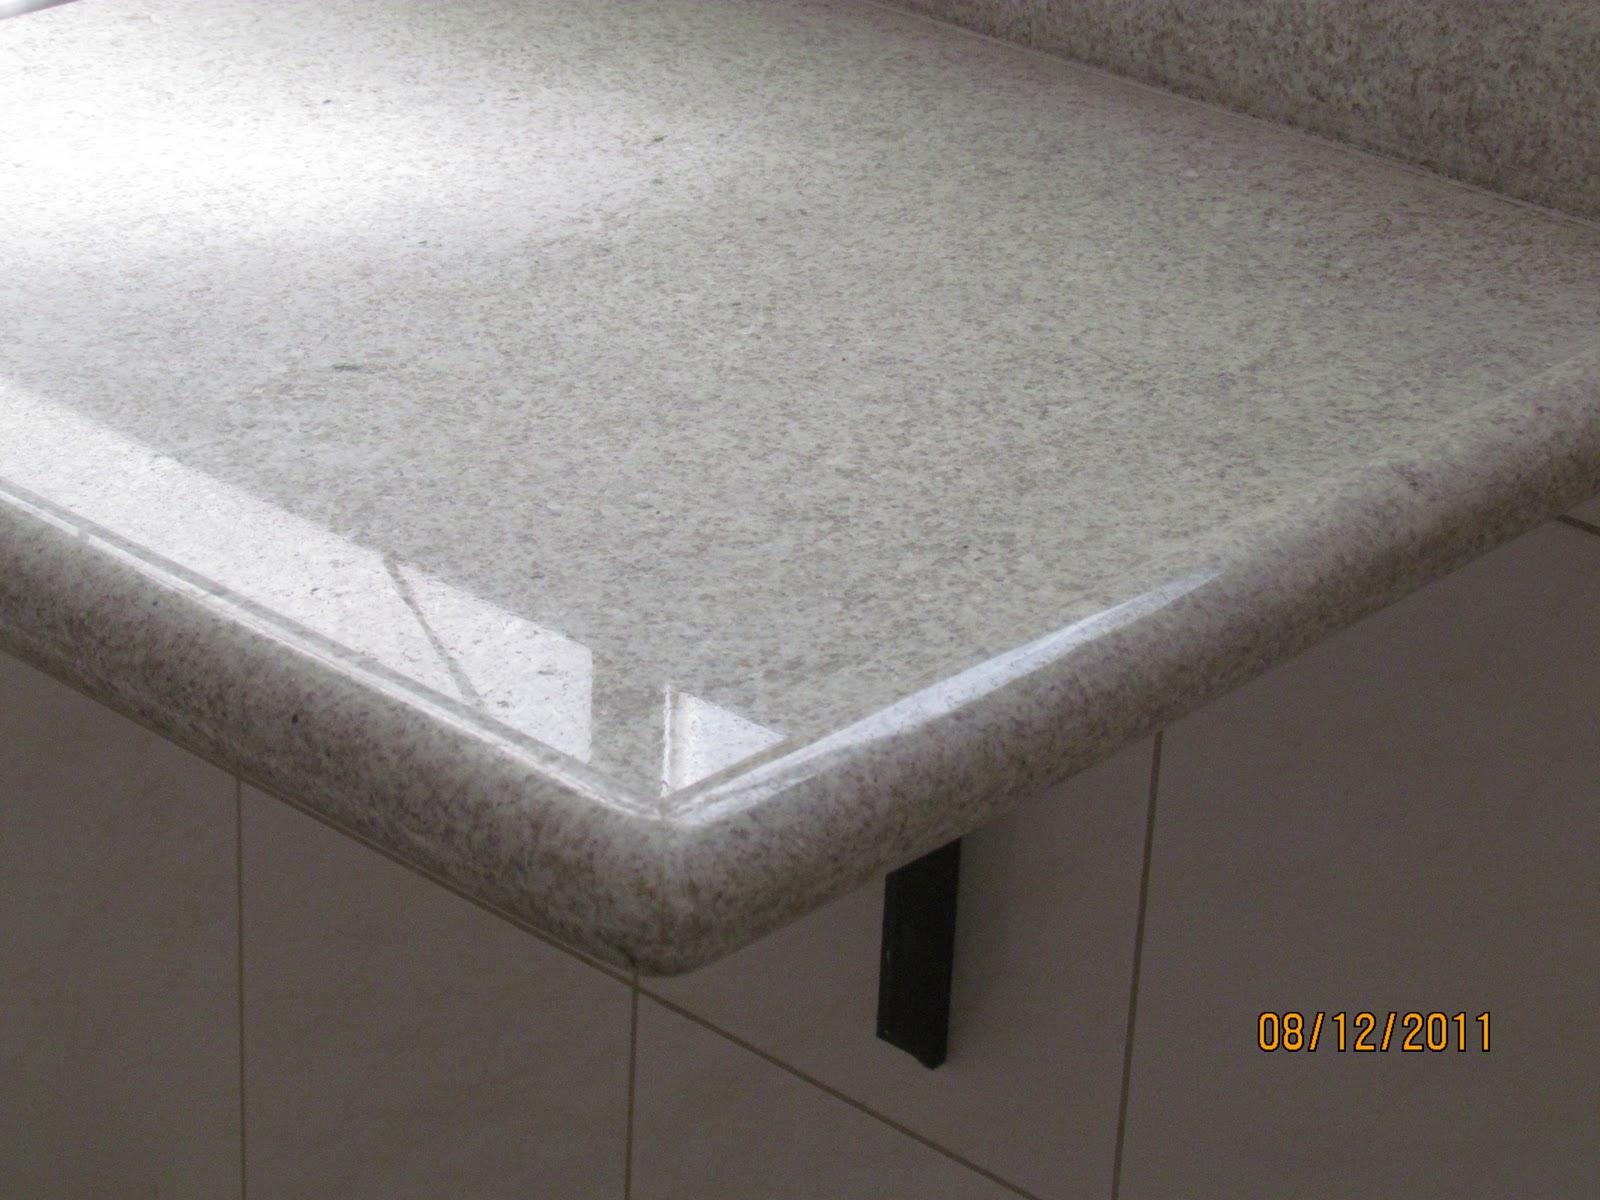 : Bancada de cozinha em granito branco siena acabamento boleado #62594D 1600x1200 Banheiro Branco Siena